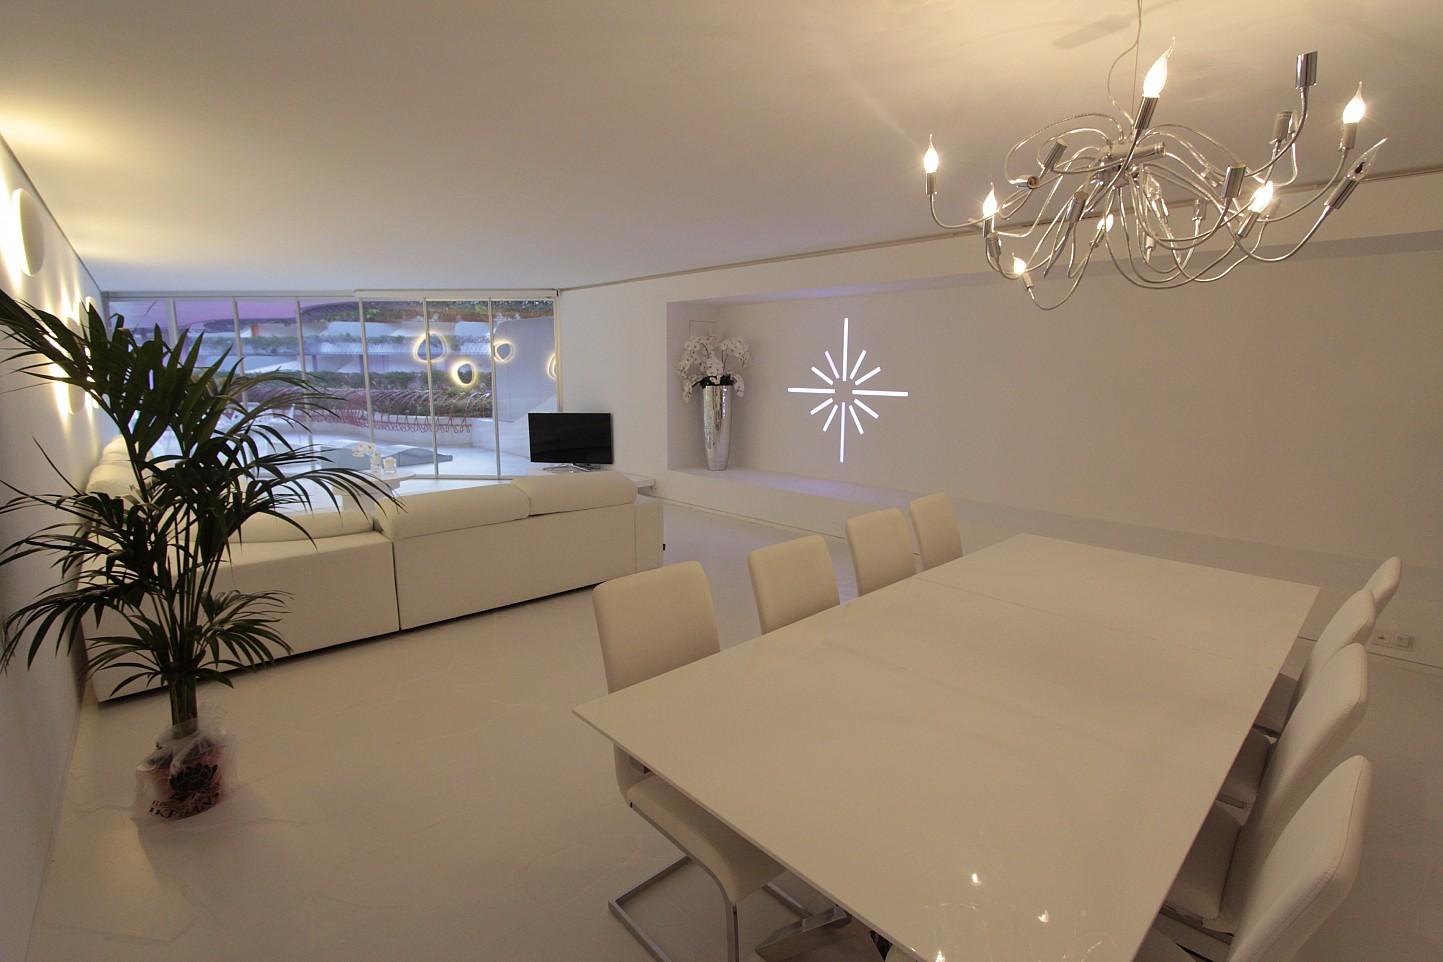 Vistes interiors del saló-menjador amb una decoració exclusiva